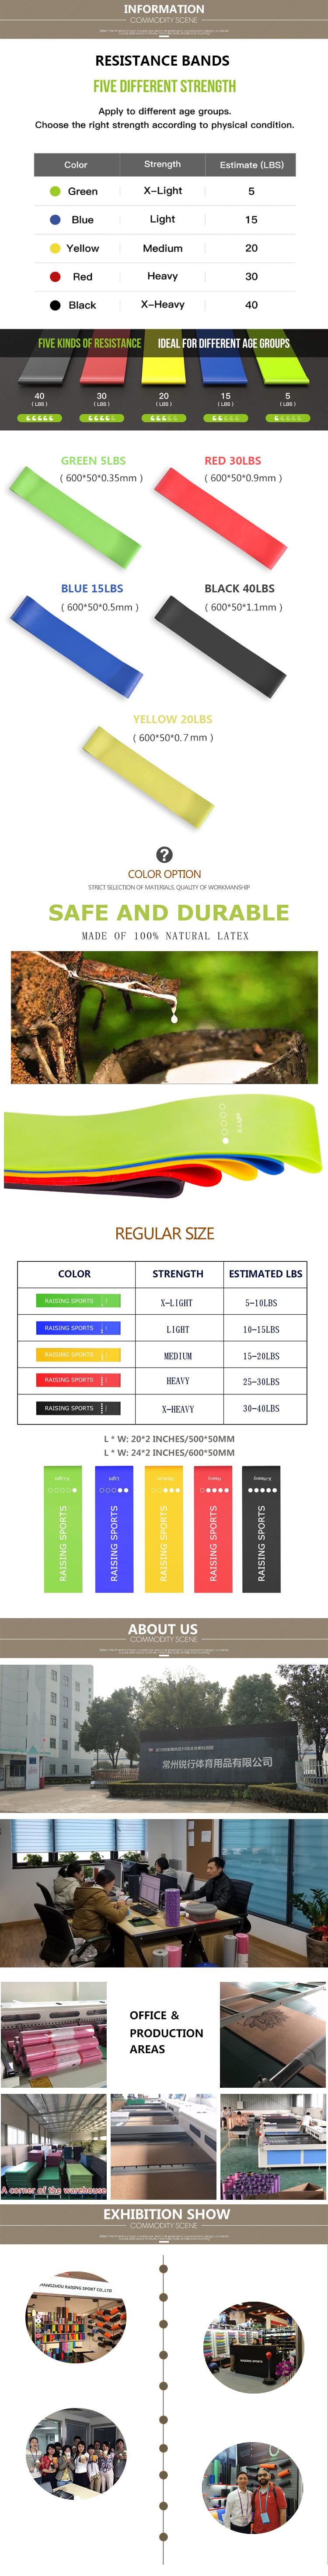 Individuelles logo mini rosa rot latex stretch fit grüne fitnessraum fit set von 5 ankle straps für übung elastische yoga widerstand bands